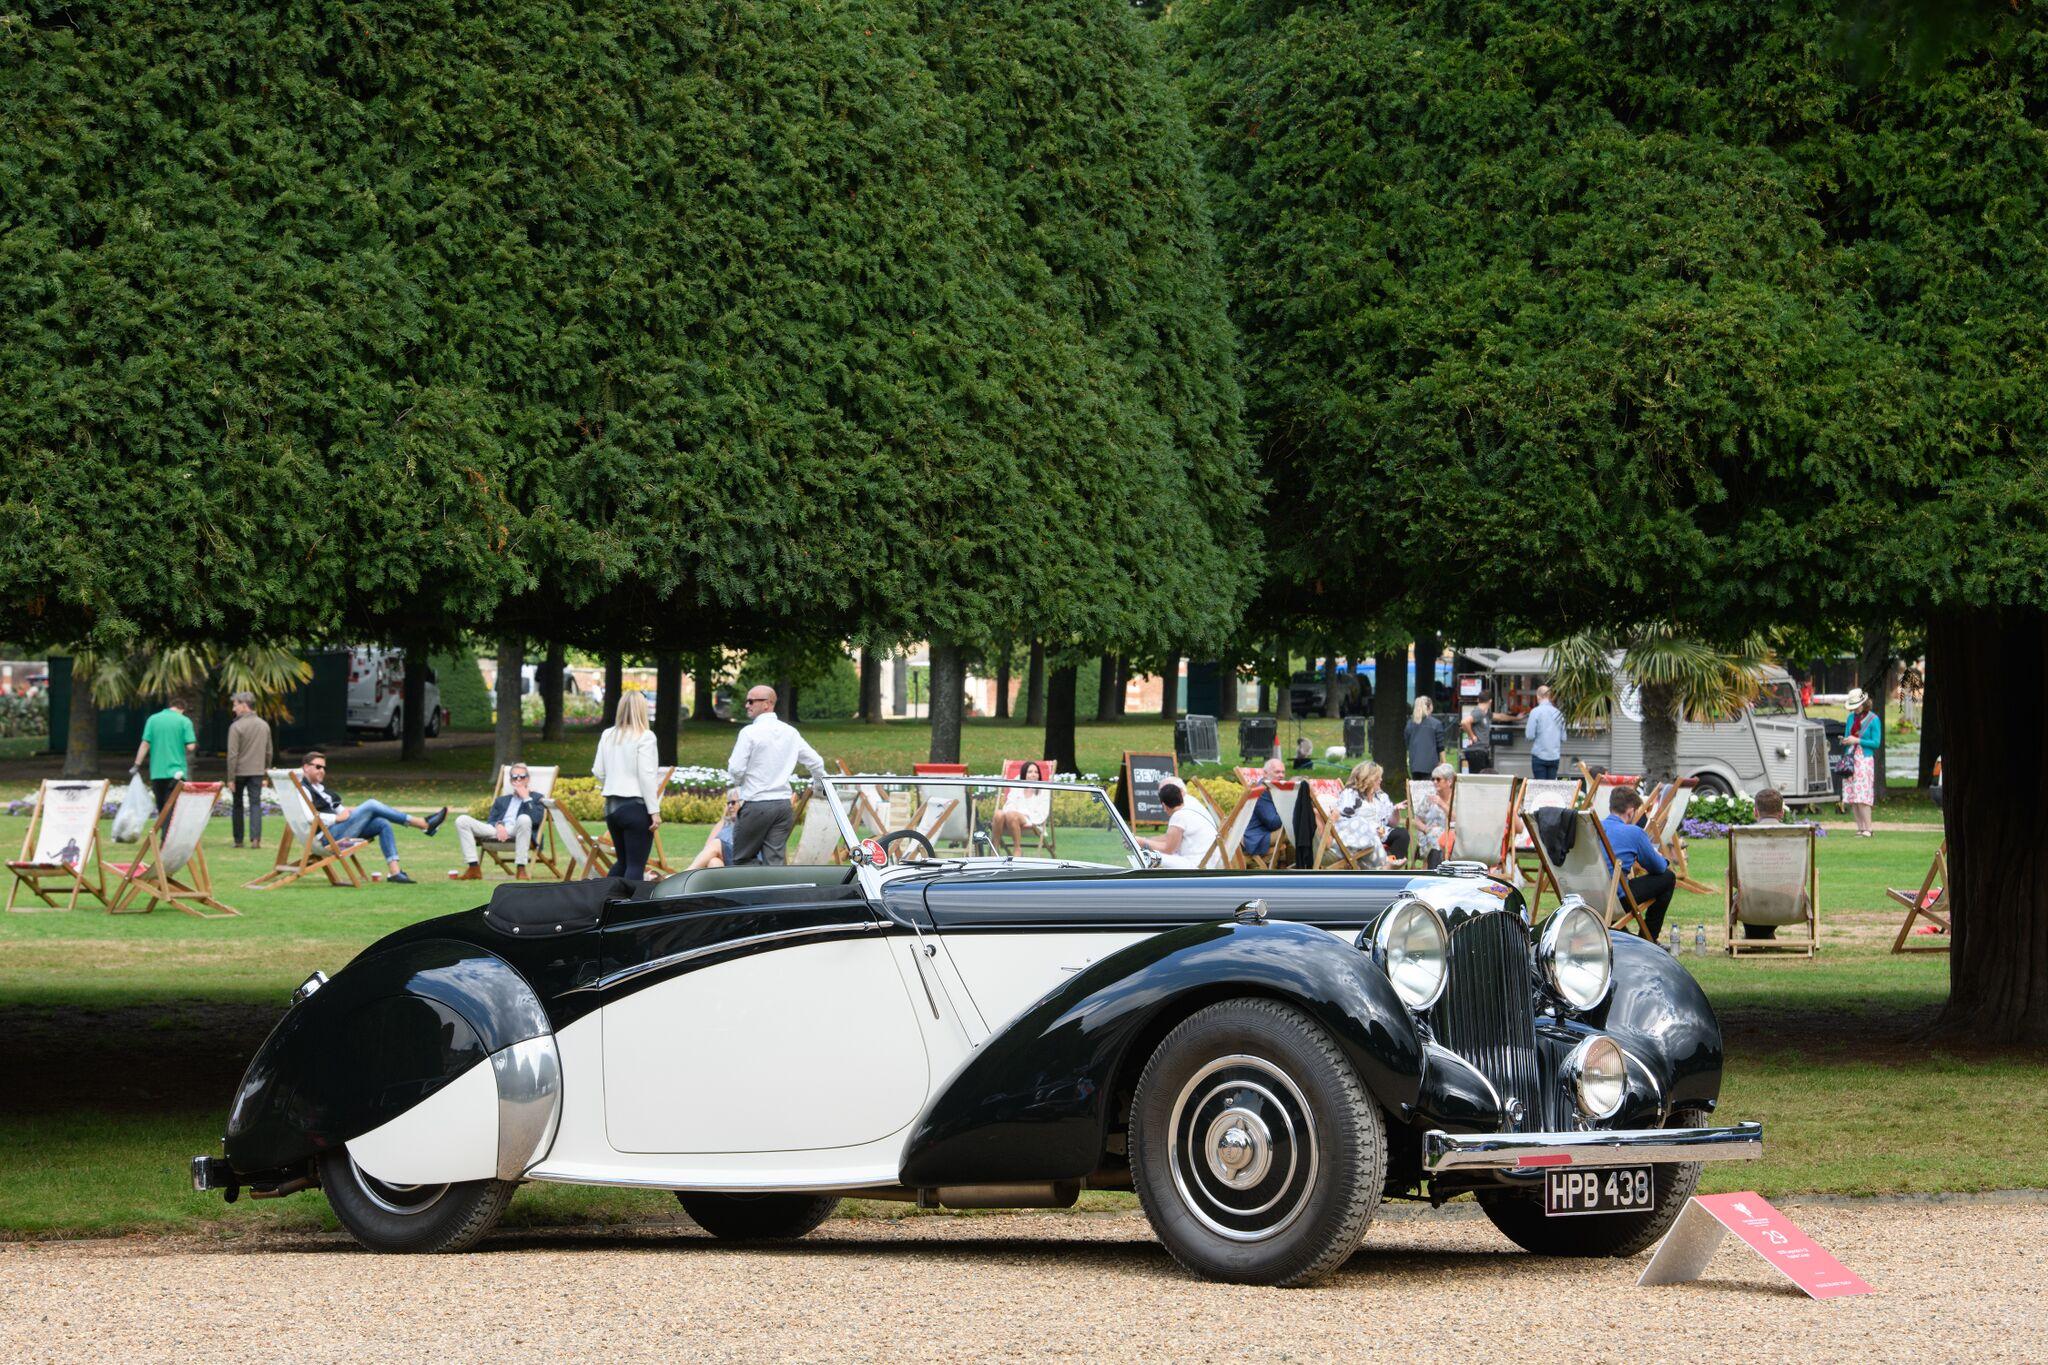 Lagonda V12 Rapide | Cover photo:Bugatti Type 35